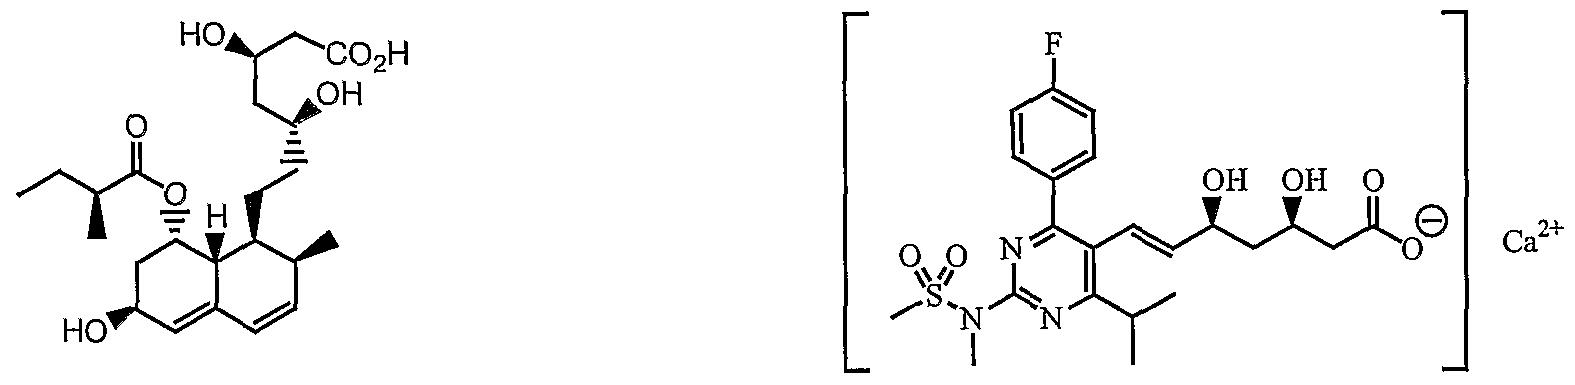 Figure imgf000067_0005